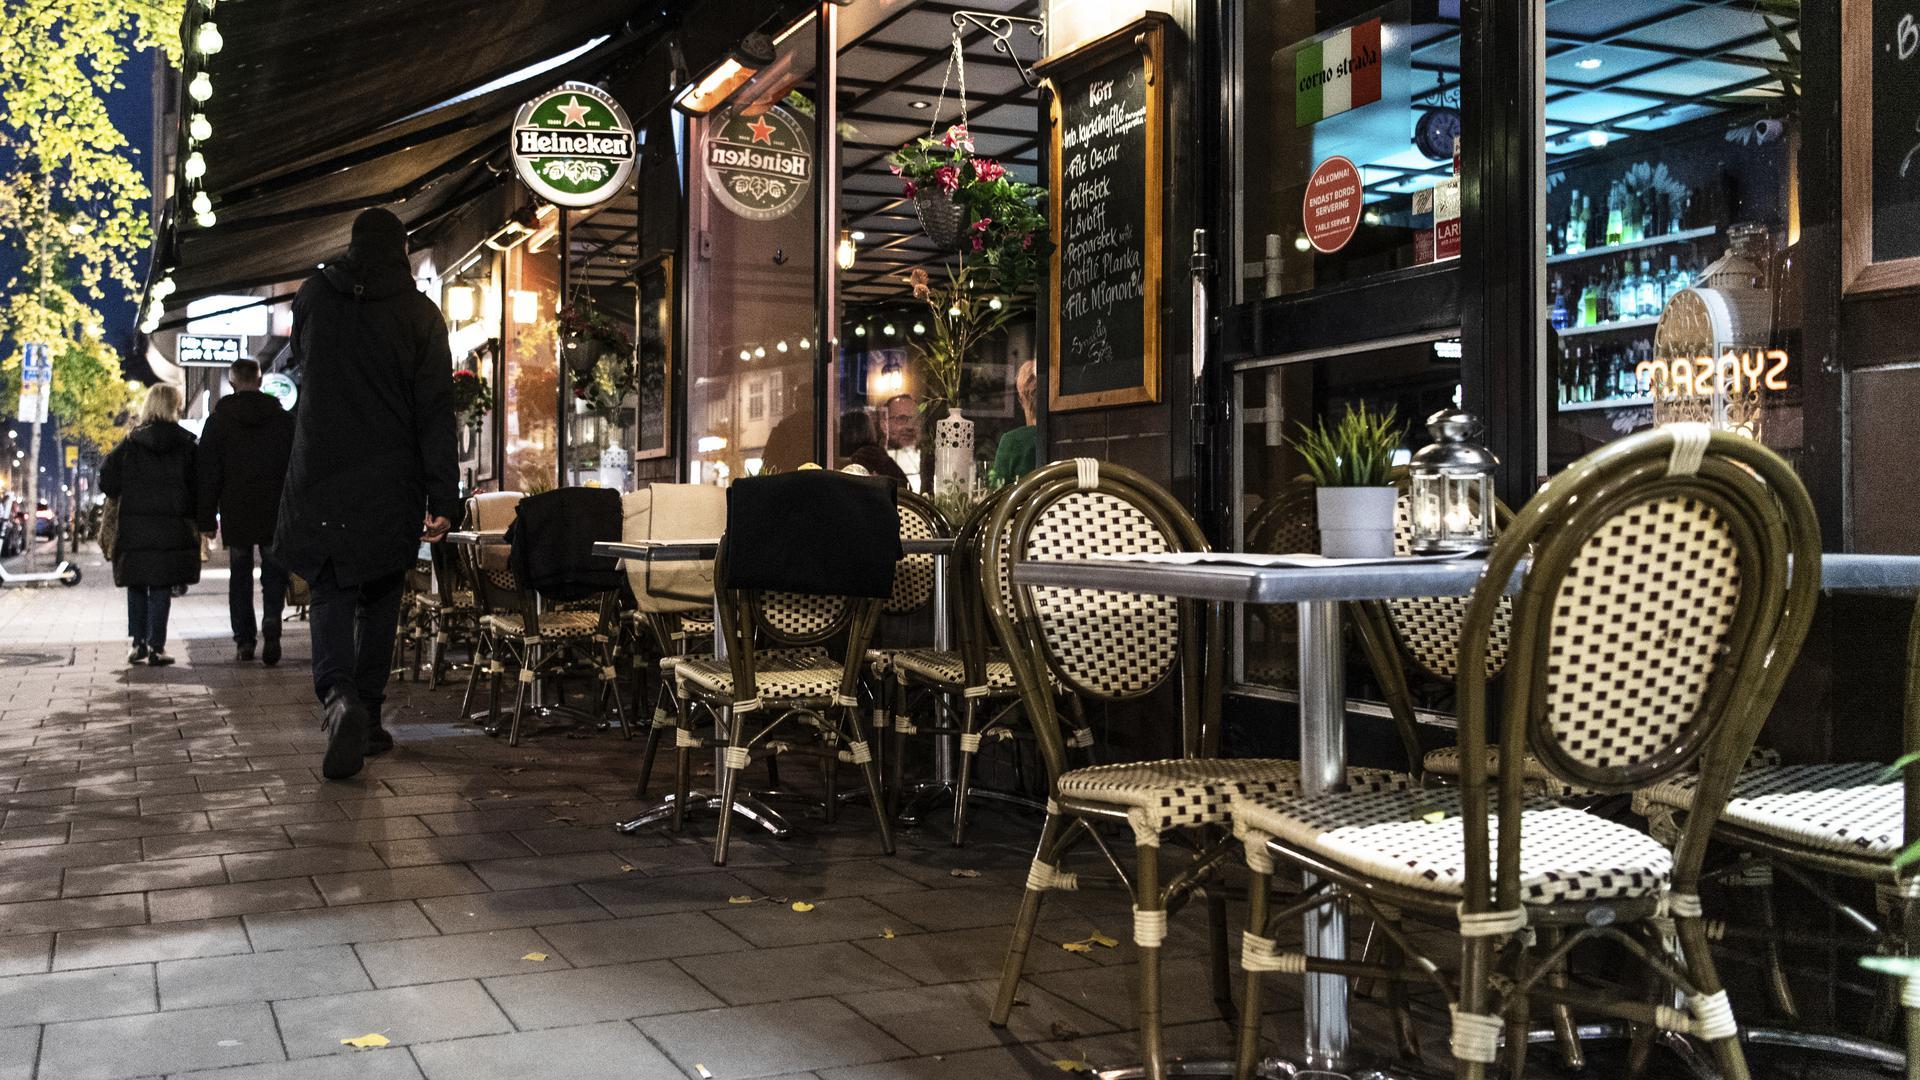 12.11.2020, Schweden, Stockholm: Menschen gehen an einem Restaurant vorbei. (zu dpa: «Bundesregierung stuft Schweden und Kanada als Risikogebiete ein») Foto: Amir Nabizadeh/TT News Agency/dpa +++ dpa-Bildfunk +++ |